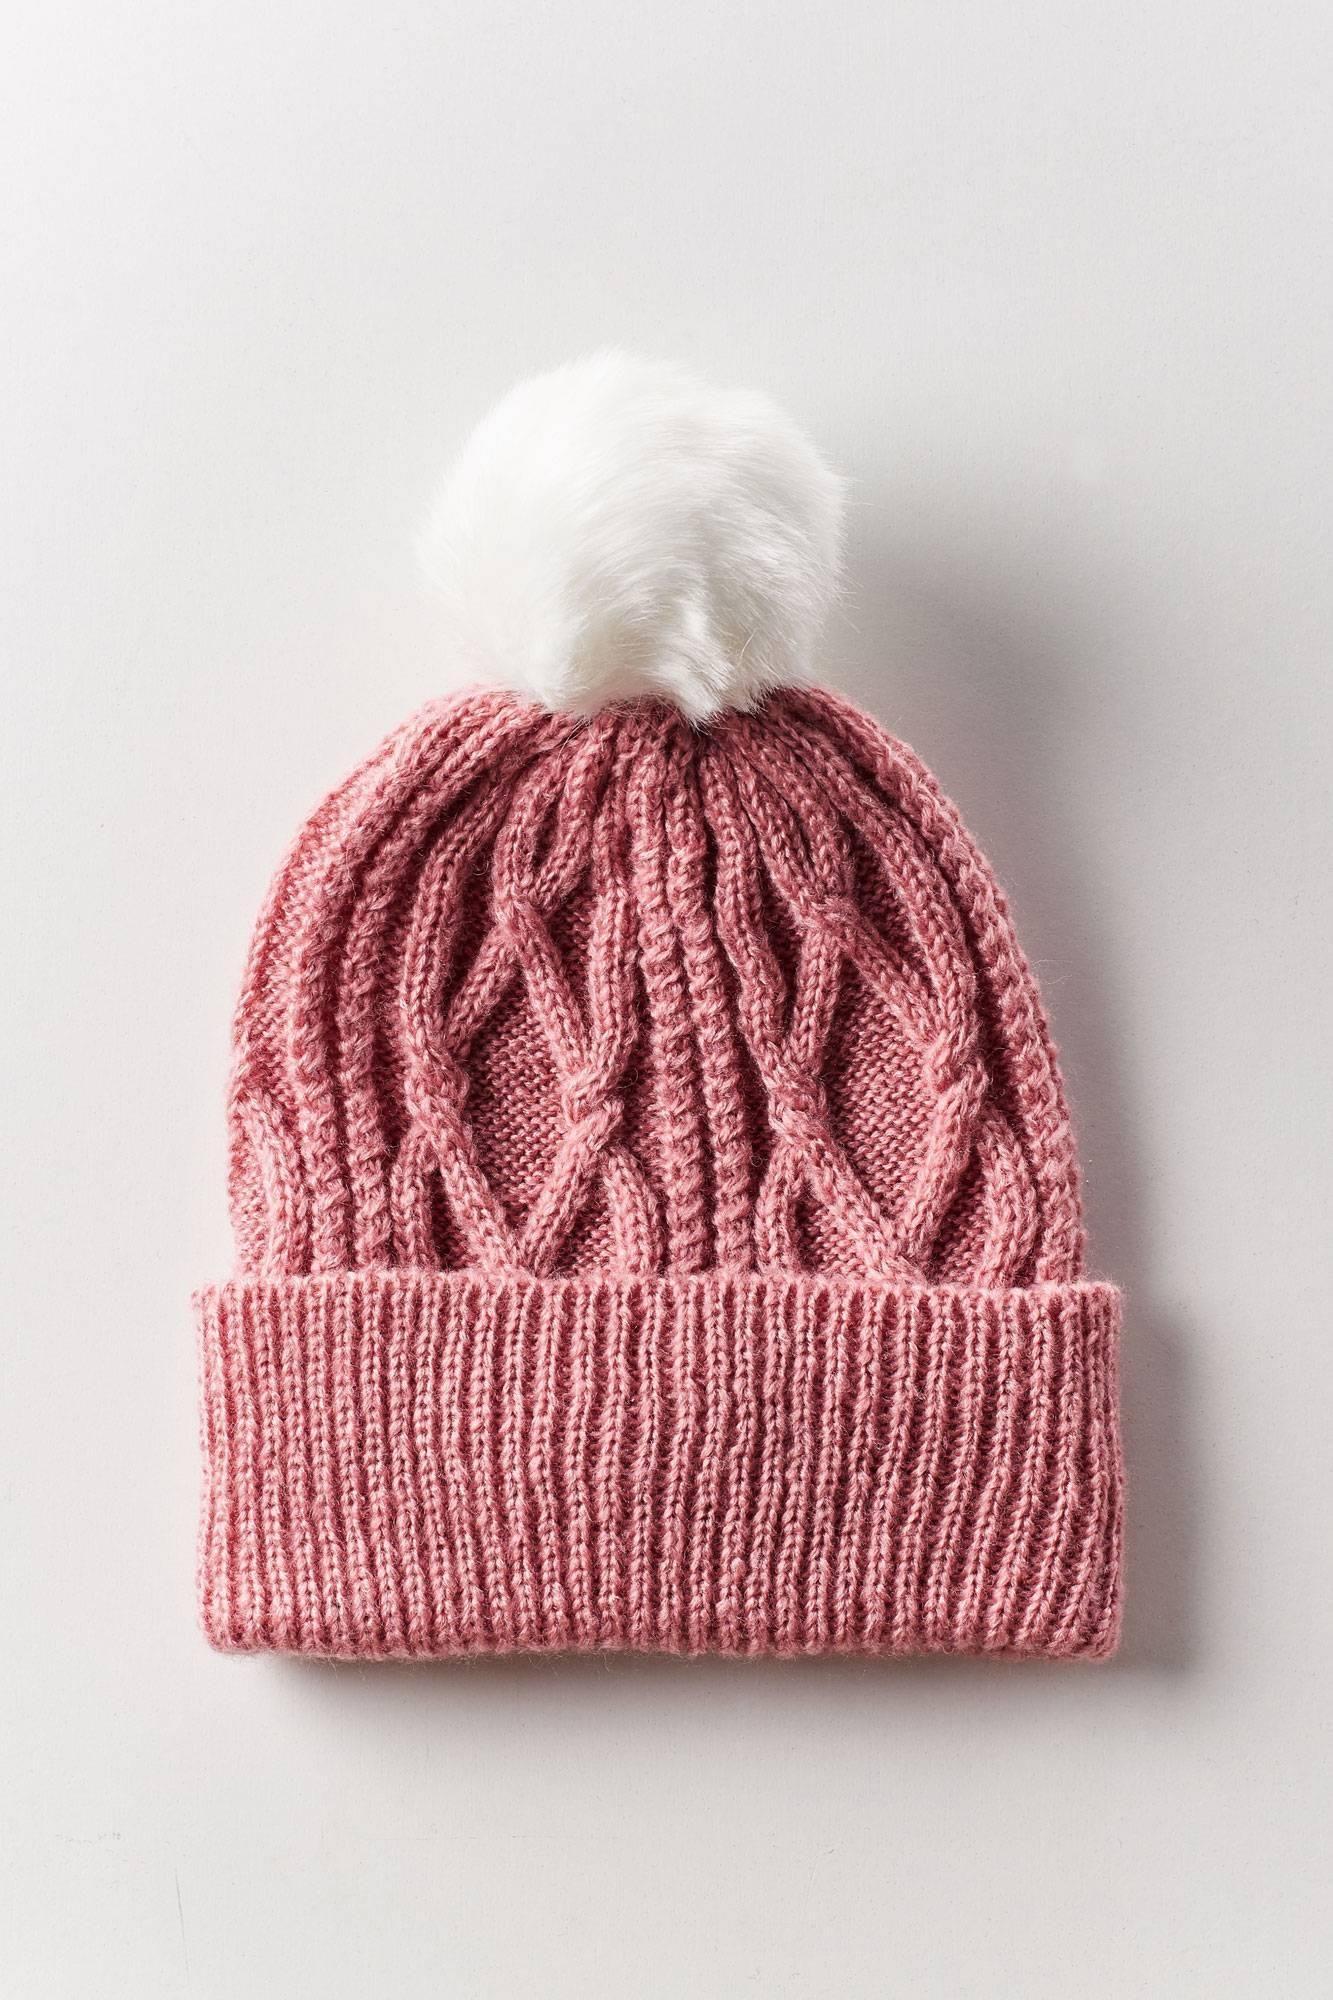 Soft Beanie Hat with Pom Pon